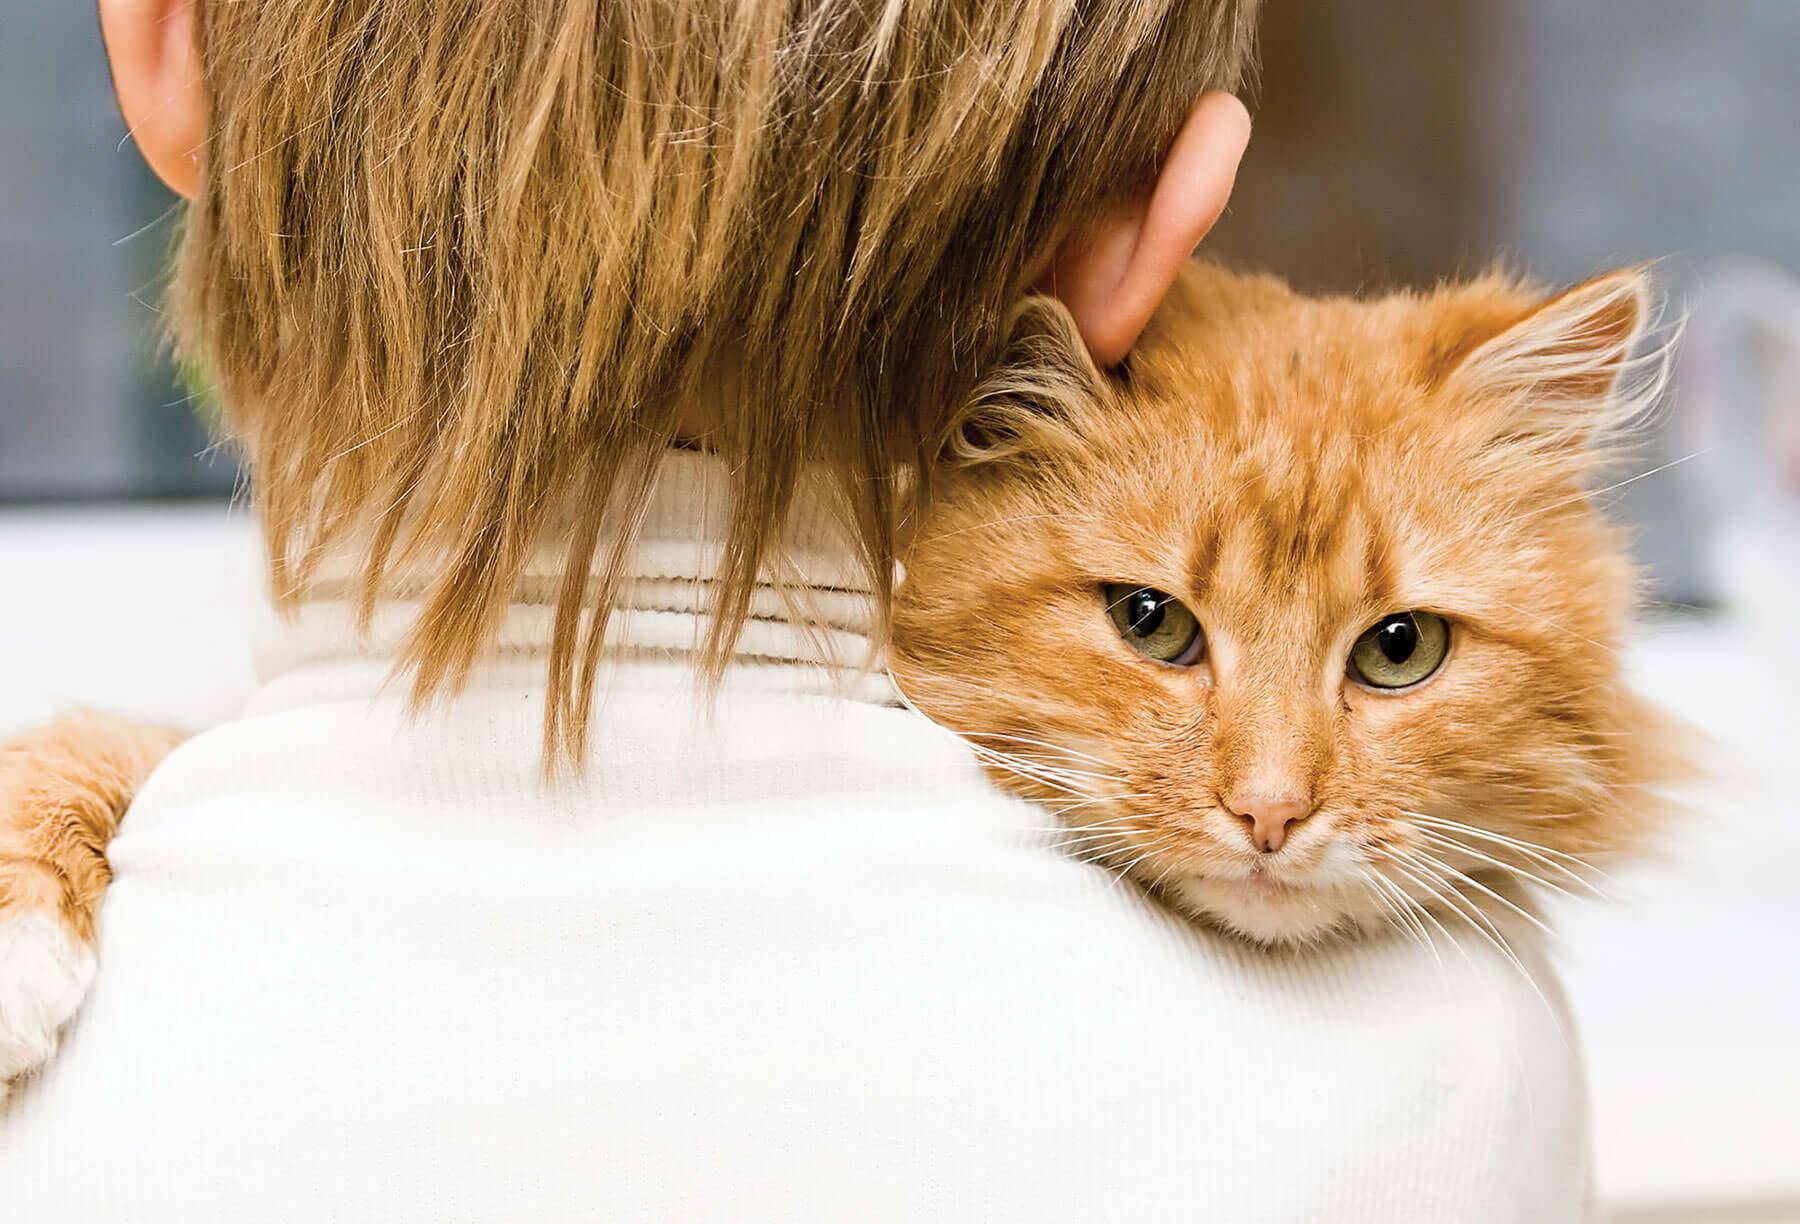 Понимают ли кошки человеческую речь: простые способы общения с питомцем